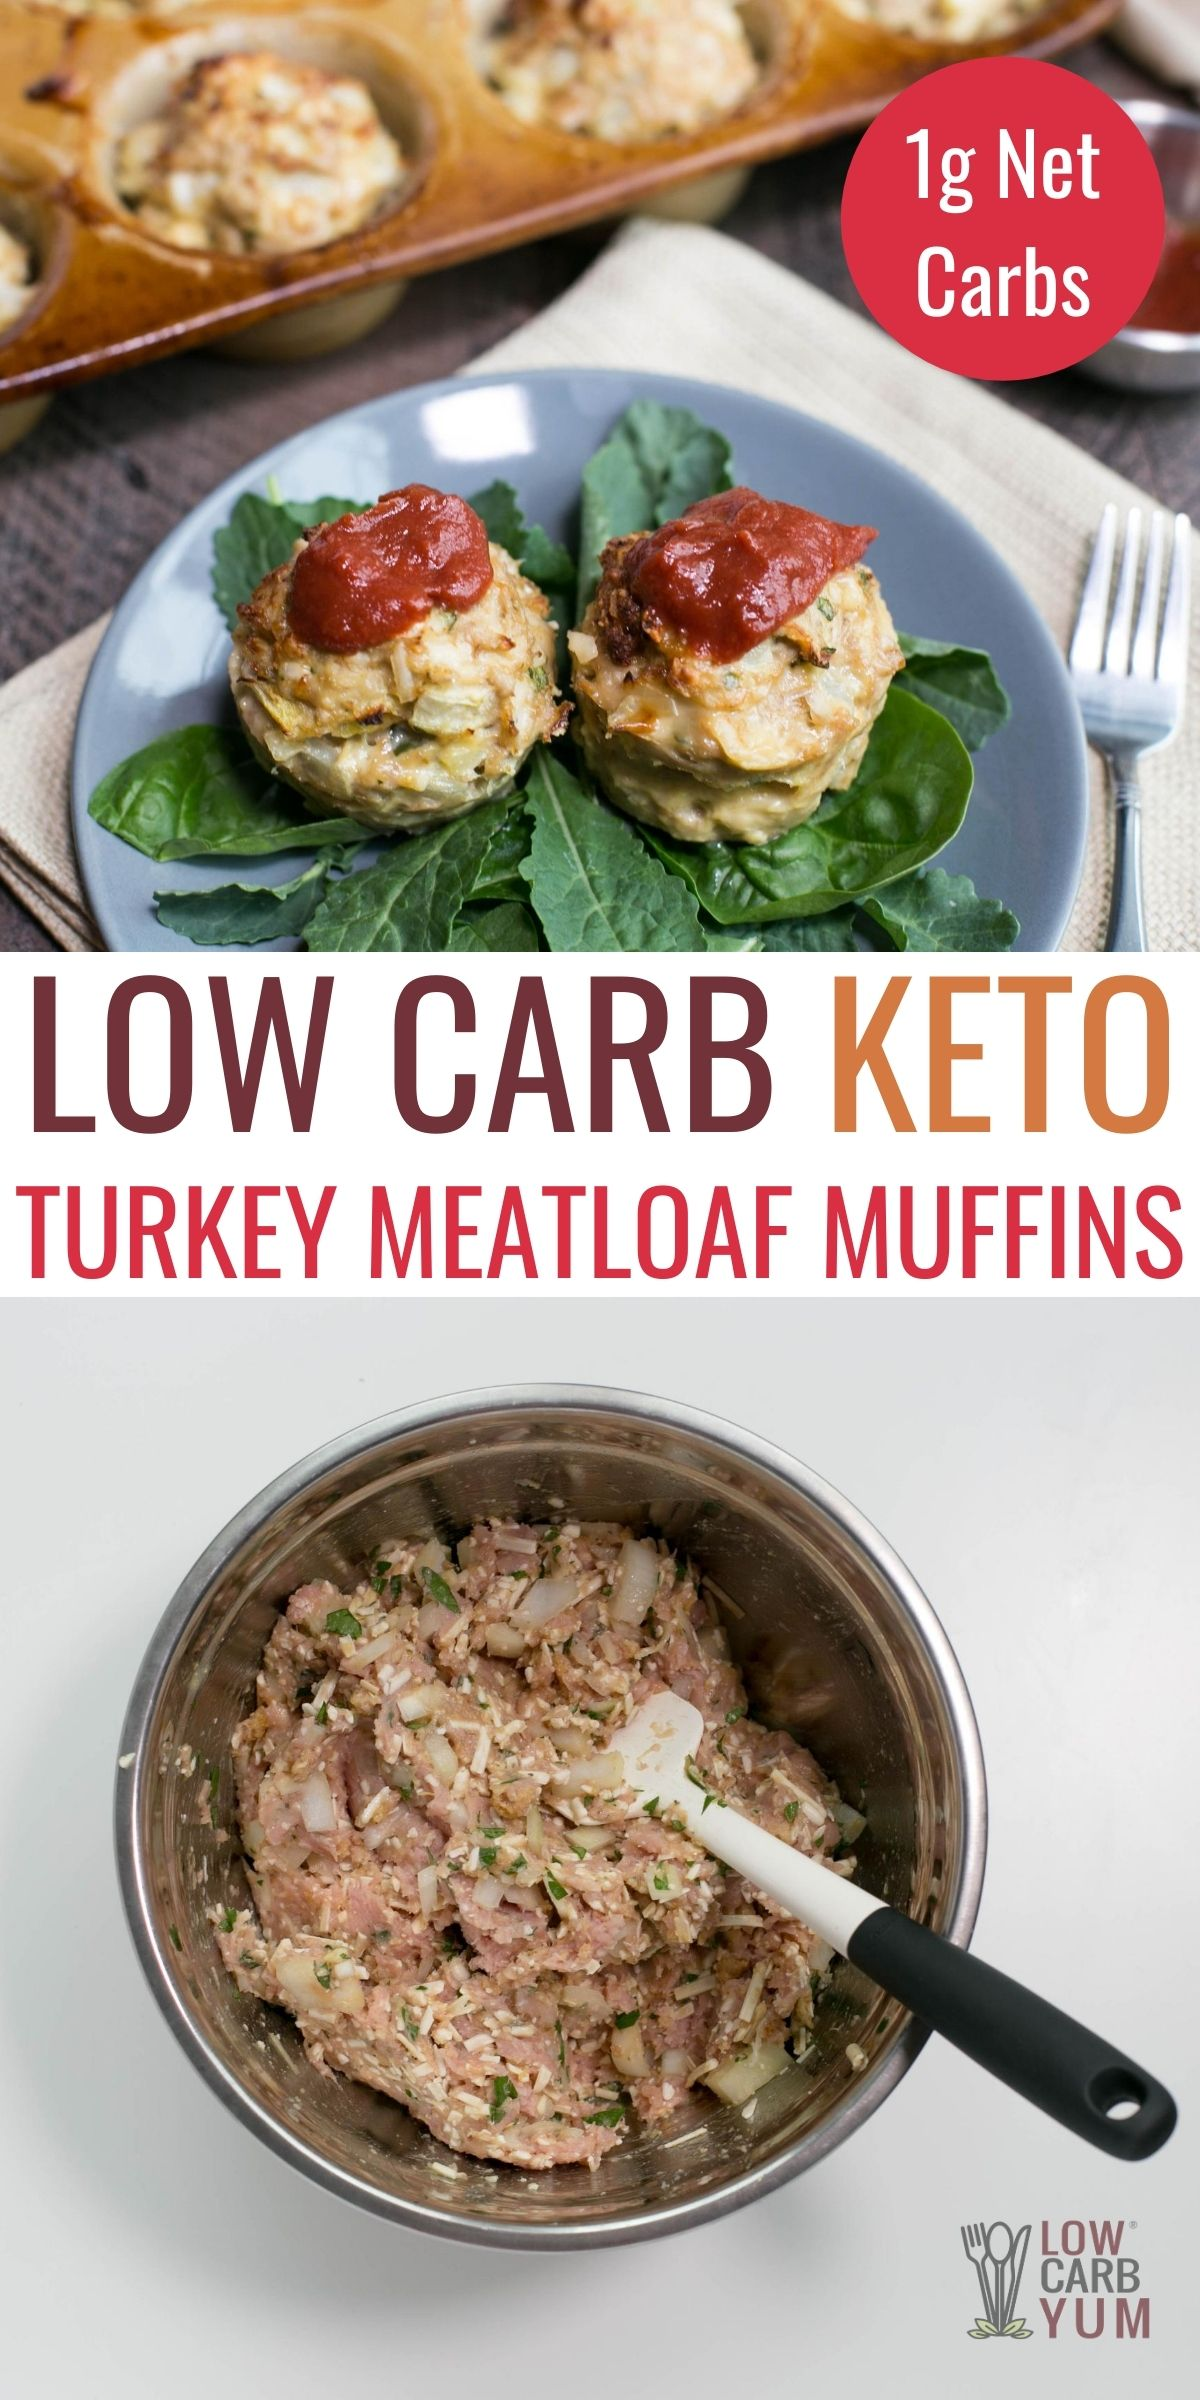 Ground Turkey Meatloaf Muffins In 2020 Ground Turkey Meatloaf Chicken Meatloaf Recipe Turkey Meatloaf Healthy